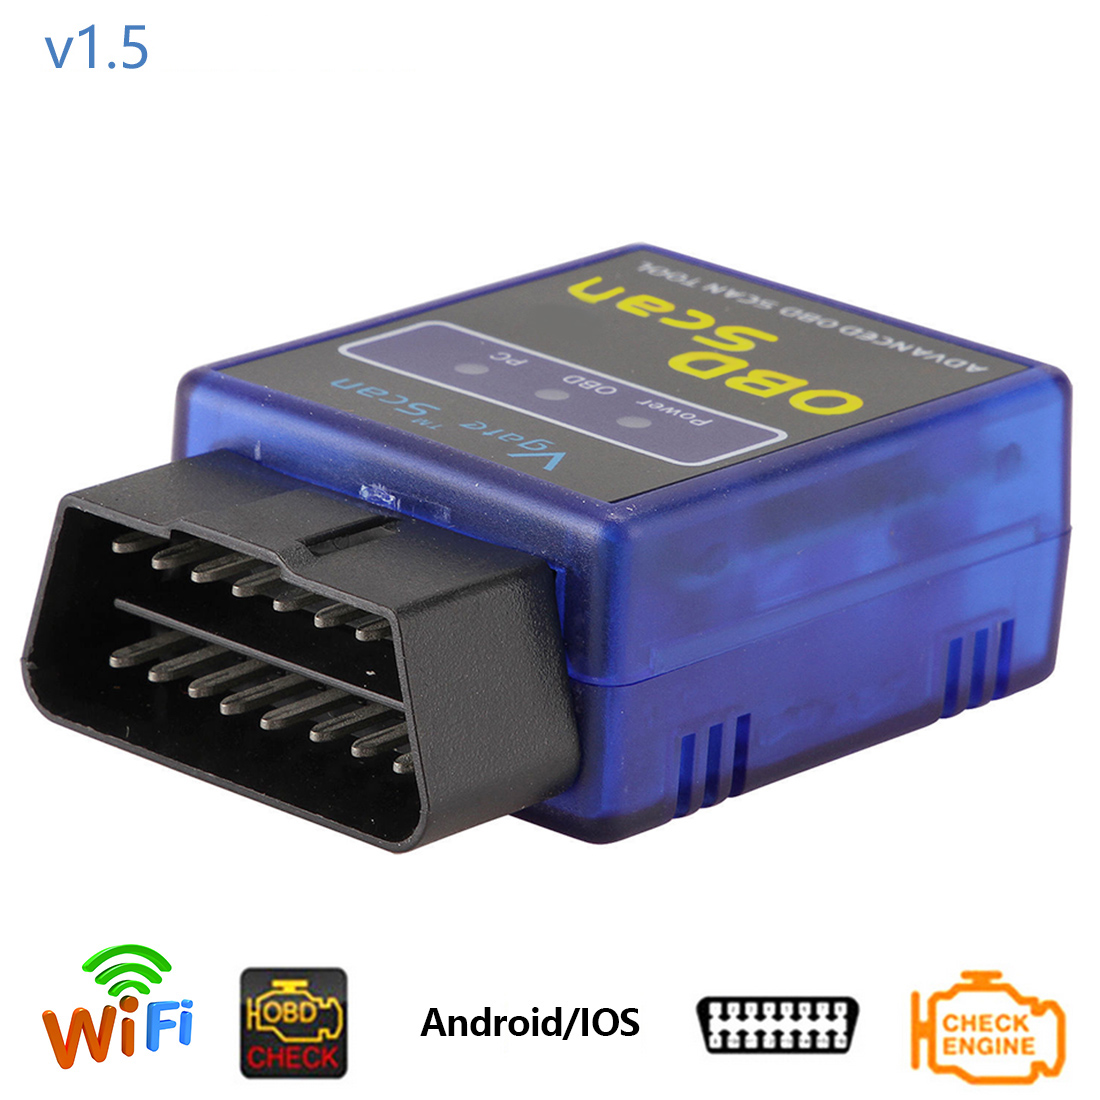 Dewtreetali OBDII V1.5 ELM 327 Интерфейс WI-FI ELM327 1.5 OBD2 сканер с PIC18F25K80 чип автомобилей коды Читатель инструмент диагностики